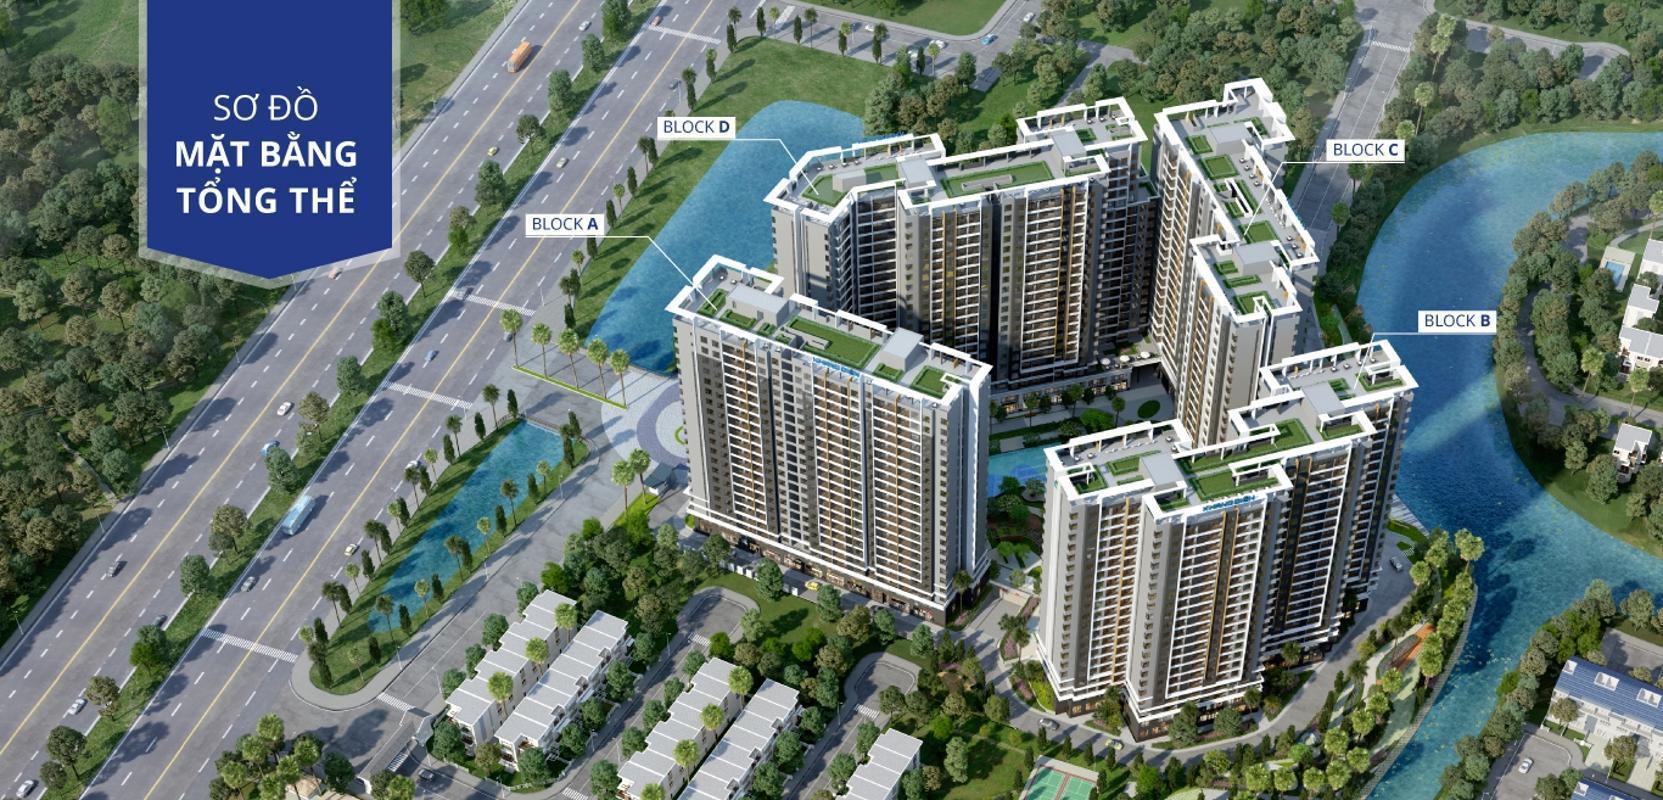 959zM8pR5GGvuGXK Bán căn hộ Safira Khang Điền 2 phòng ngủ, tầng trung, diện tích 60m2, hướng Nam